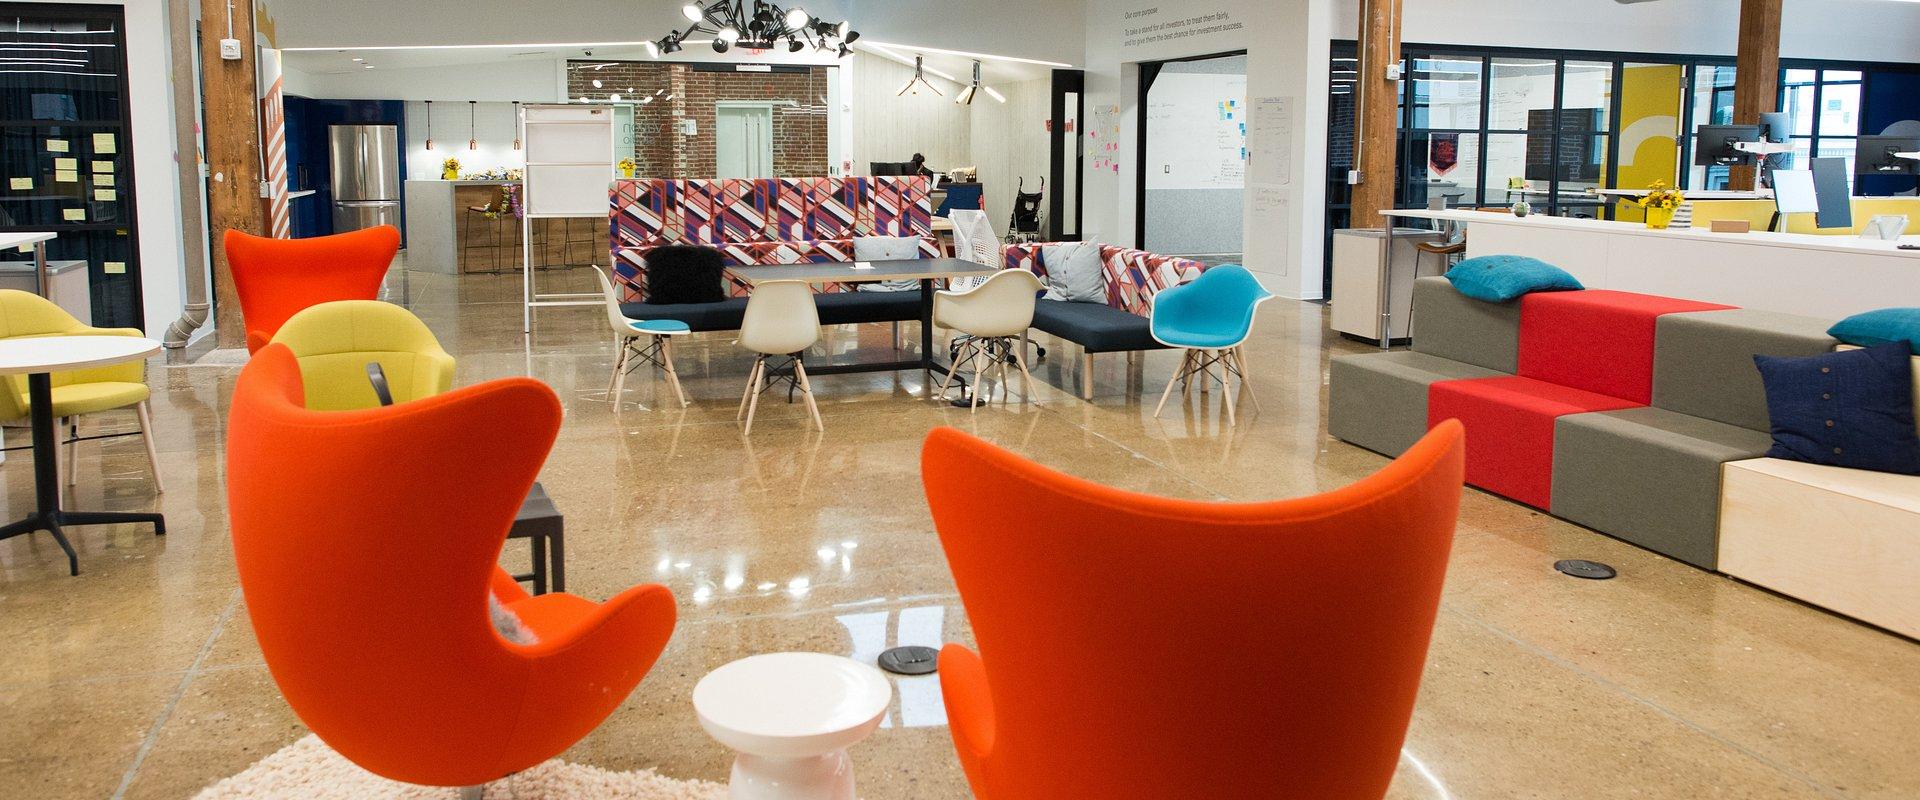 Twoje biuro jest wizytówką firmy? Zgłoś je do konkursu OFFICE SUPERSTAR 2018